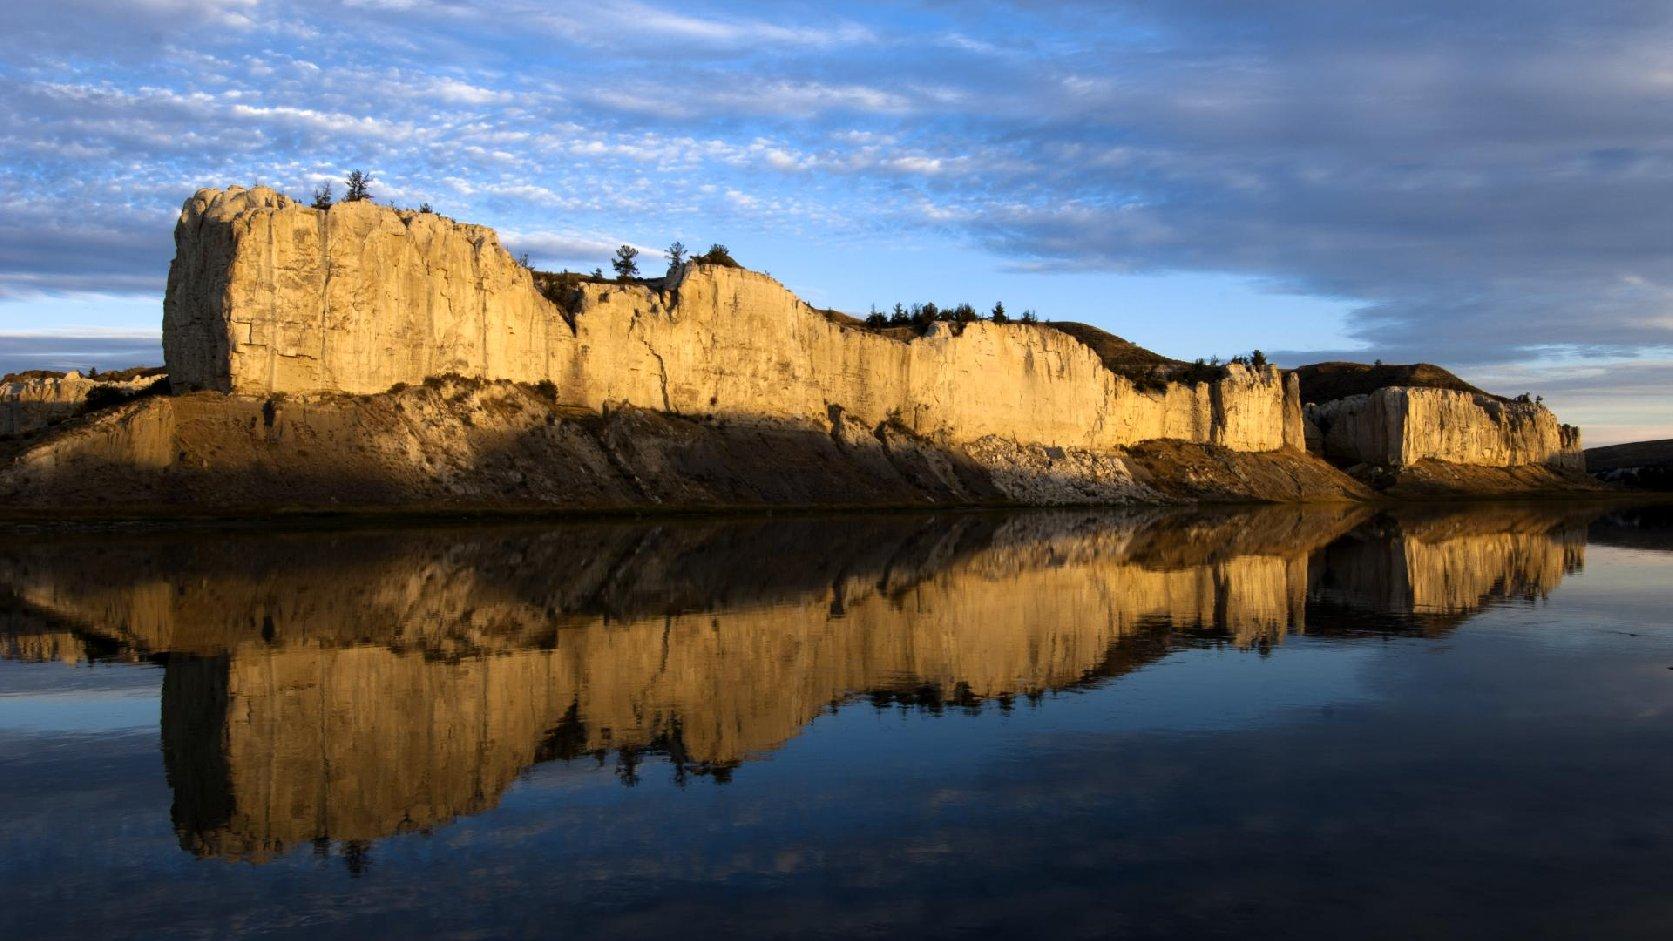 Upper Missouri River Breaks National Monument, Montana